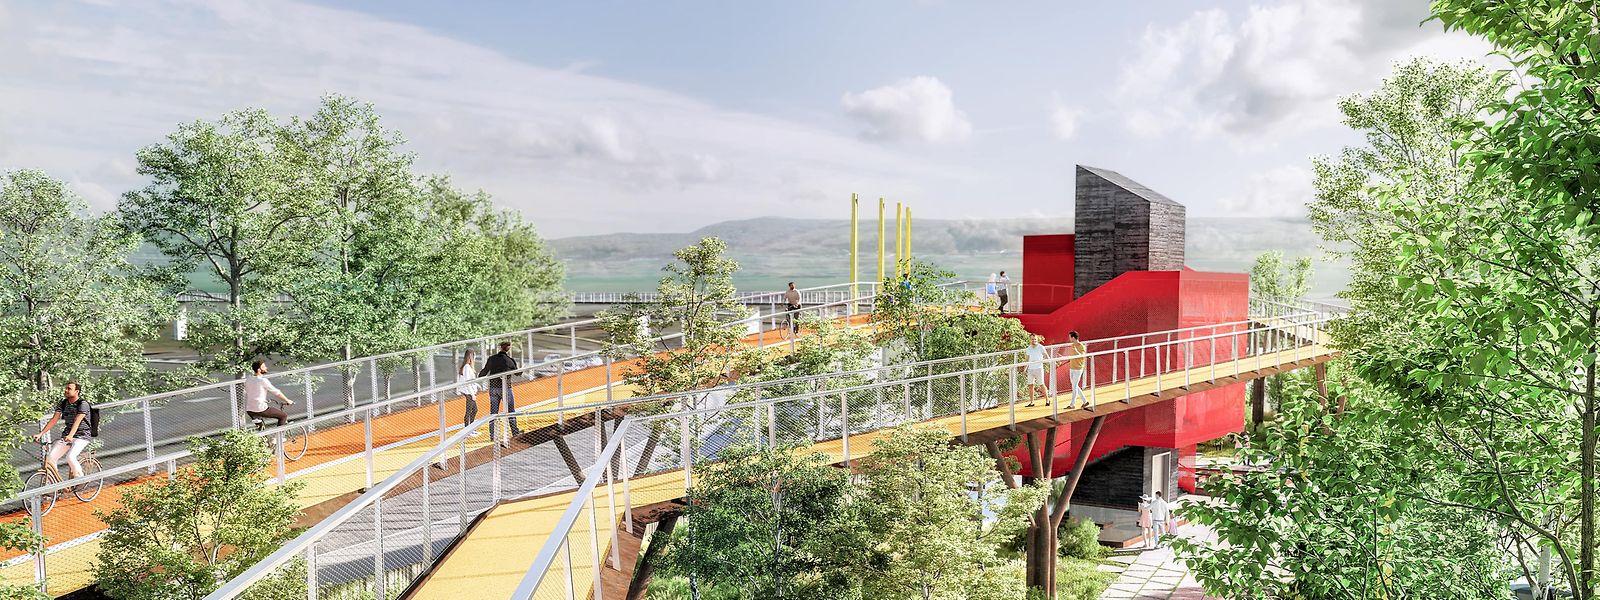 La nouvelle piste offrira un nouveau point de vue sur le quartier de Belval.